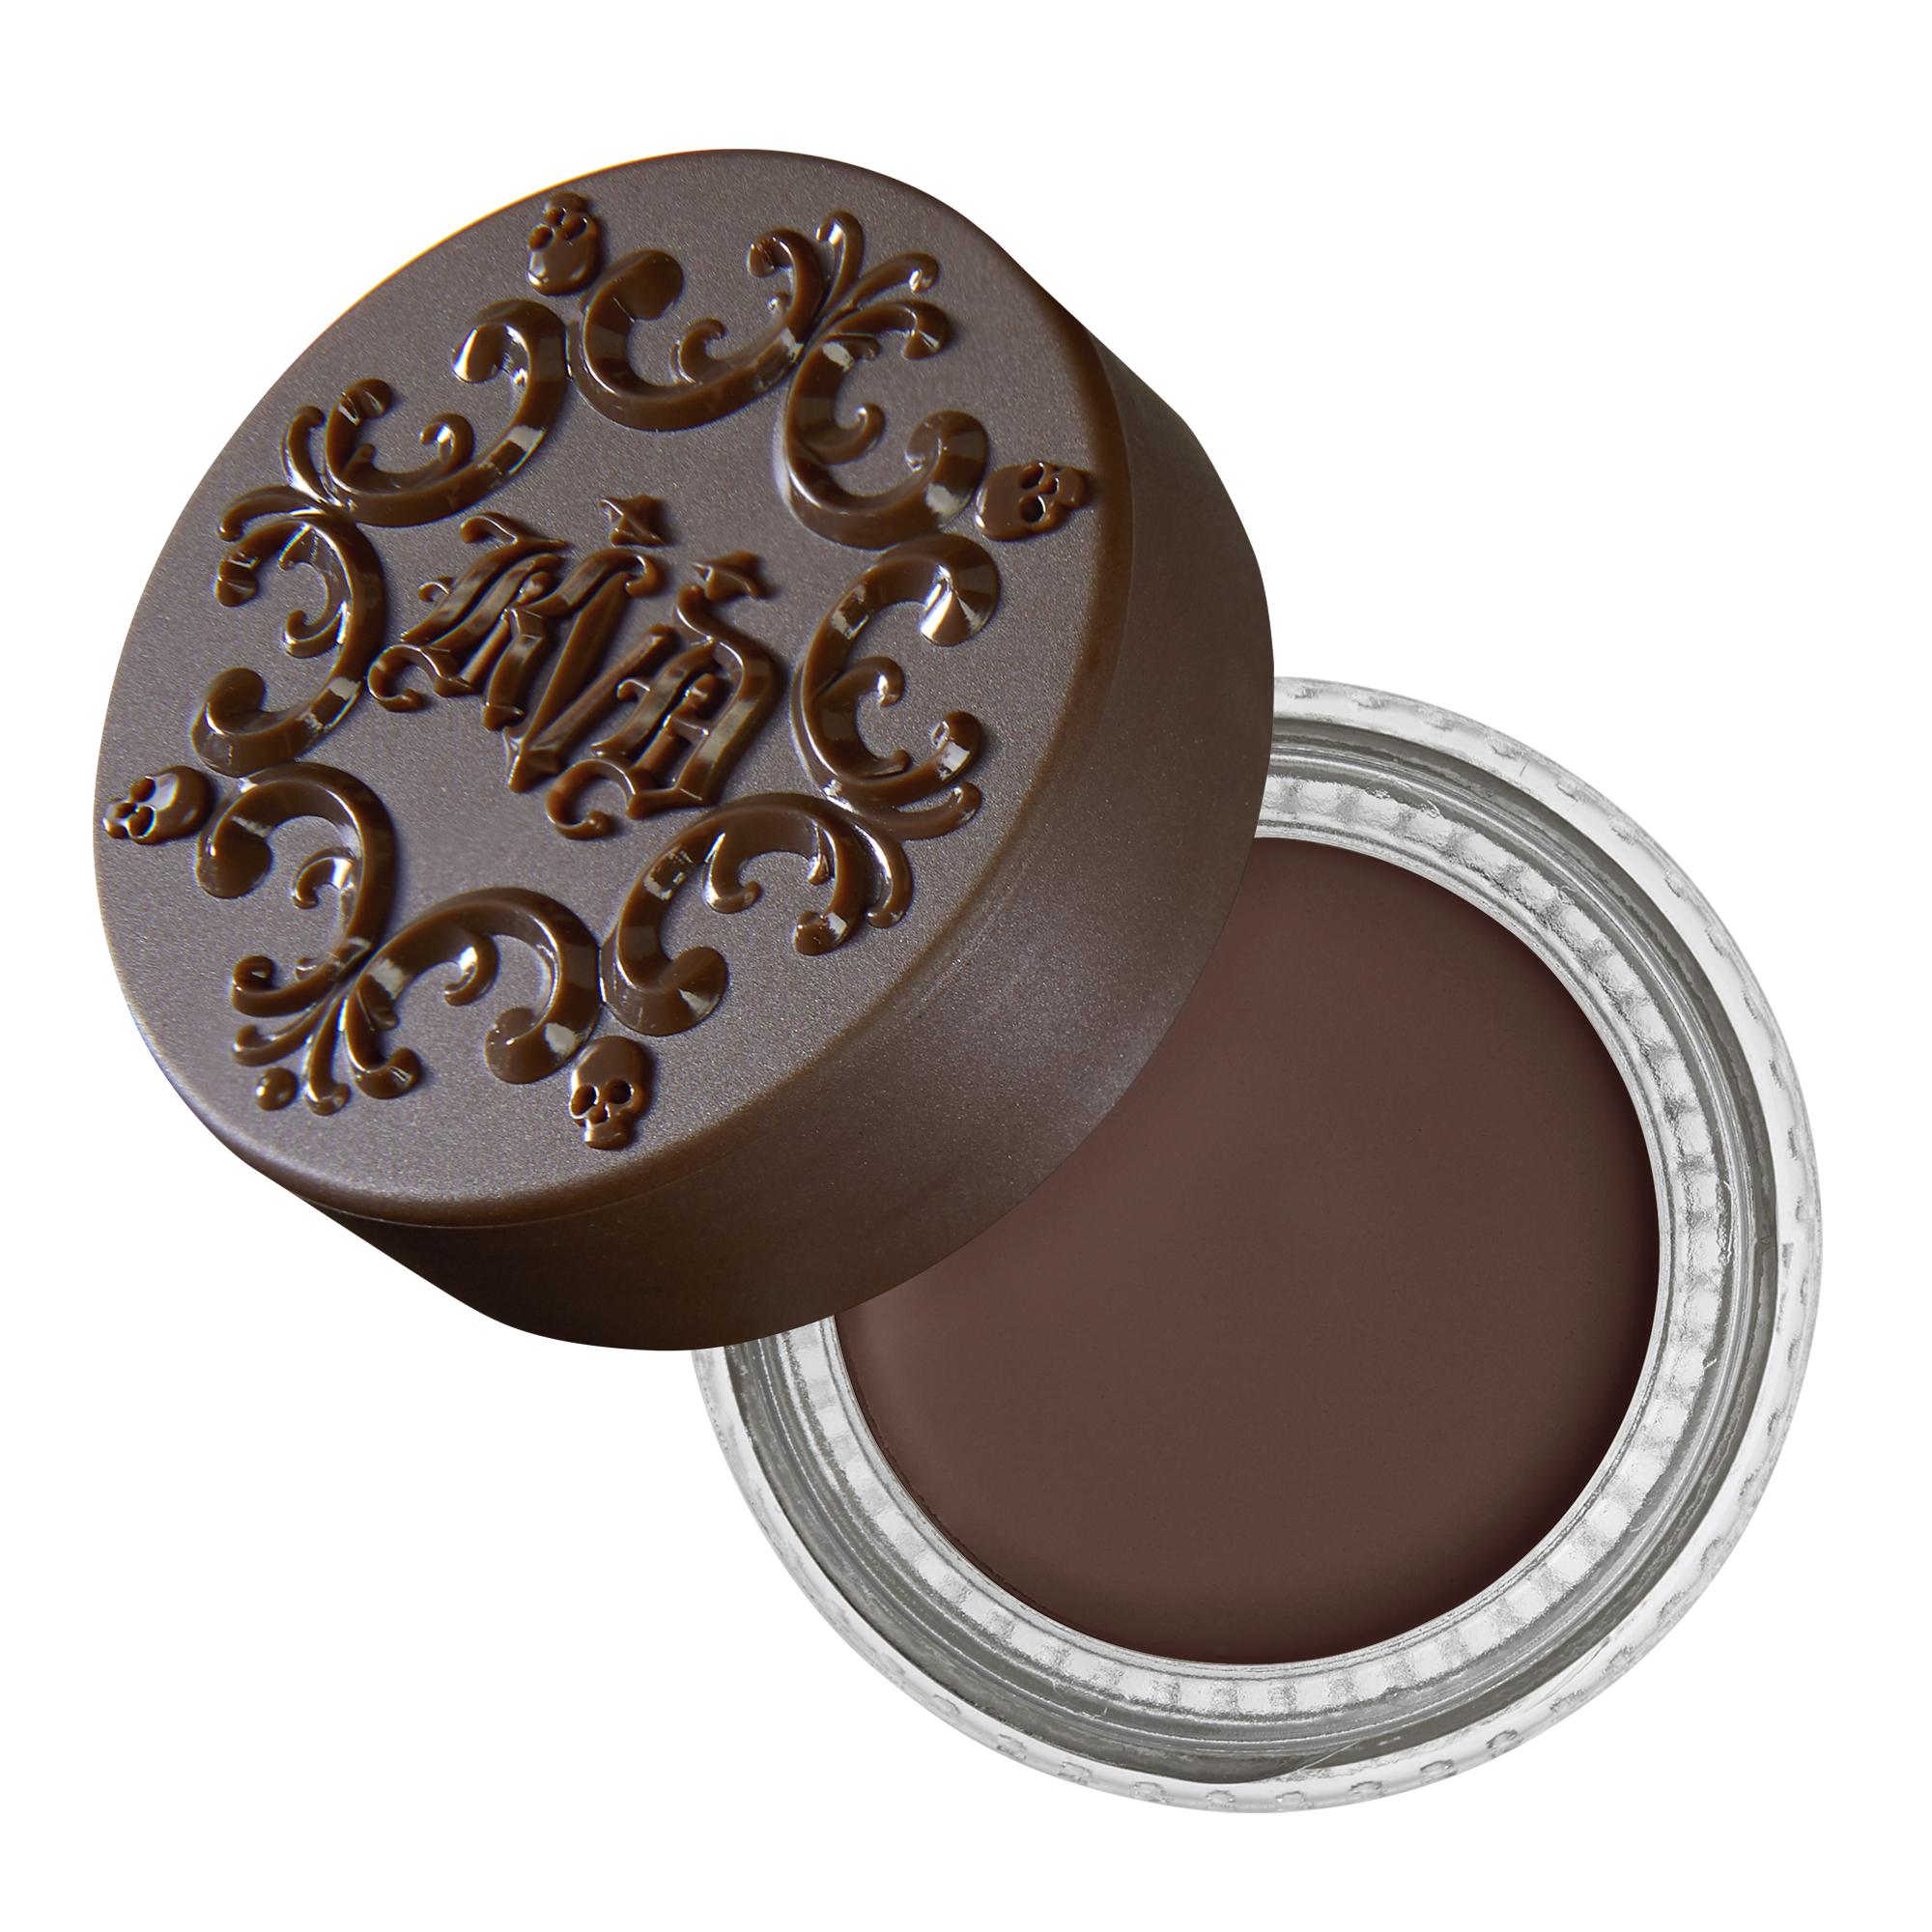 KVD Beauty Brow Creme Pot, medium brown